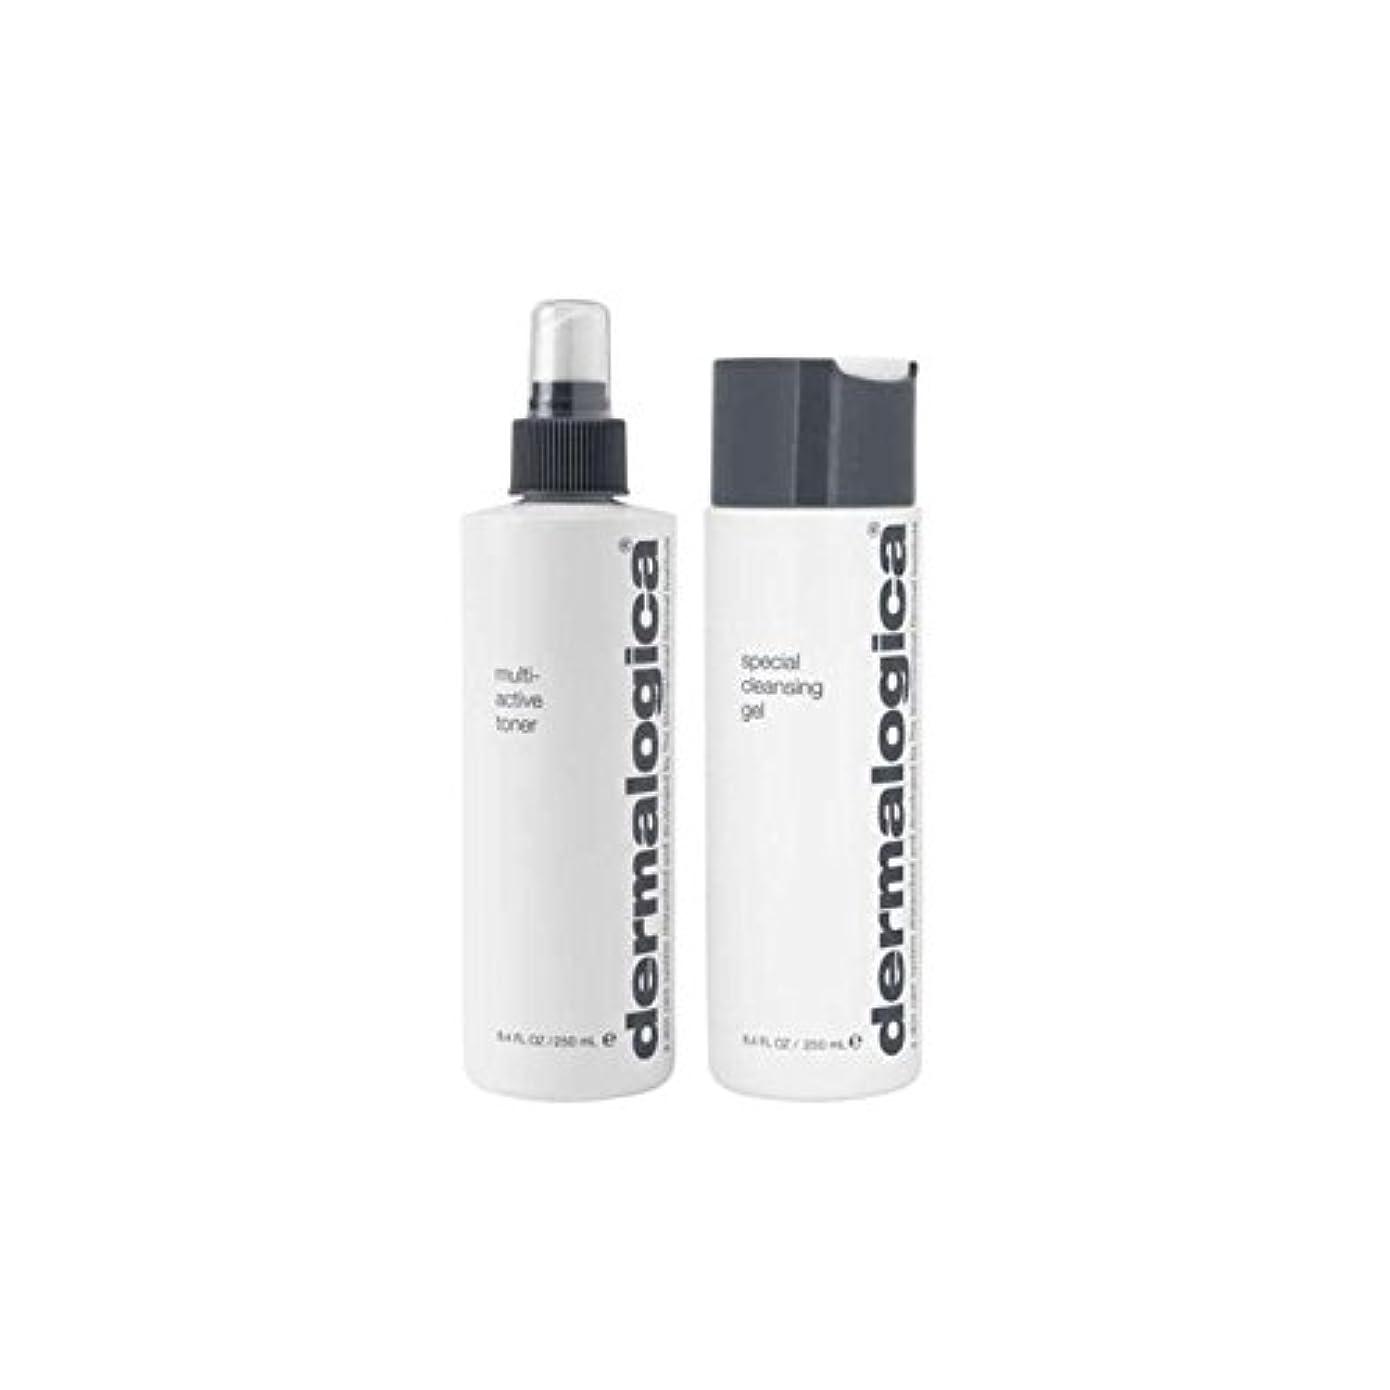 変更可能出力ありそうDermalogica Cleanse & Tone Duo - Normal/Dry Skin (2 Products) (Pack of 6) - ダーマロジカクレンジング&トーンデュオ - ノーマル/ドライスキン(...